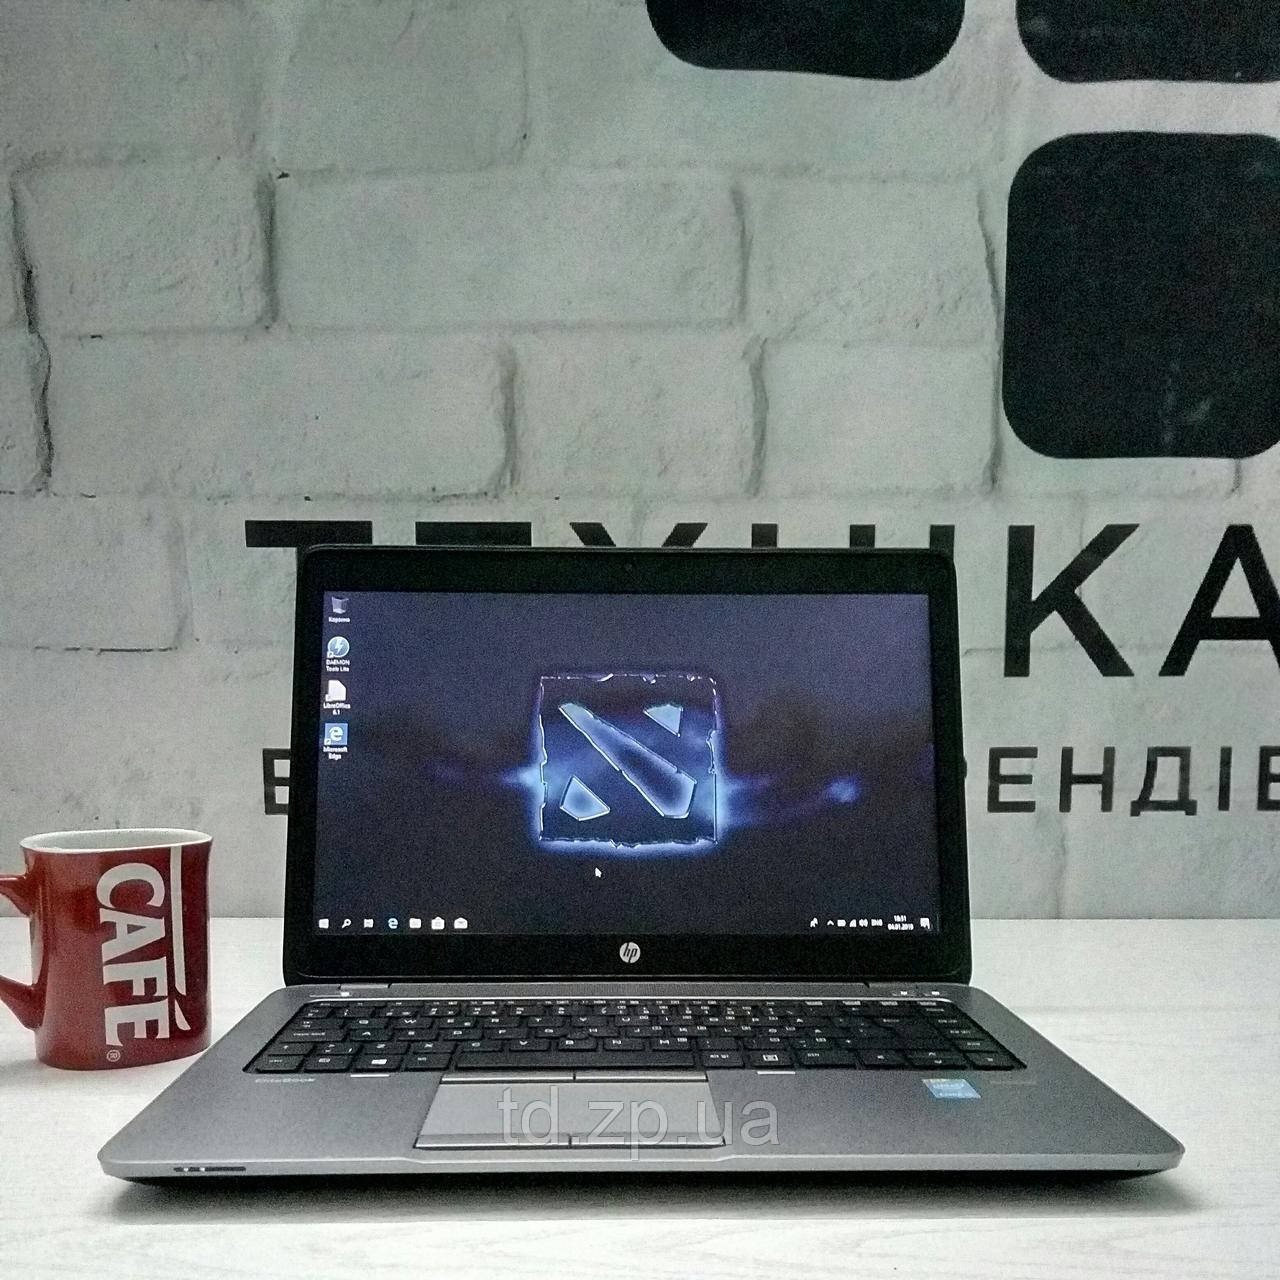 Ноутбук HP Elitebook 840 G1 14,1''  Intel Core i5-4200u/ 8Gb  DDR3/ SSD 120Gb/ Intel HD Graphics 4400